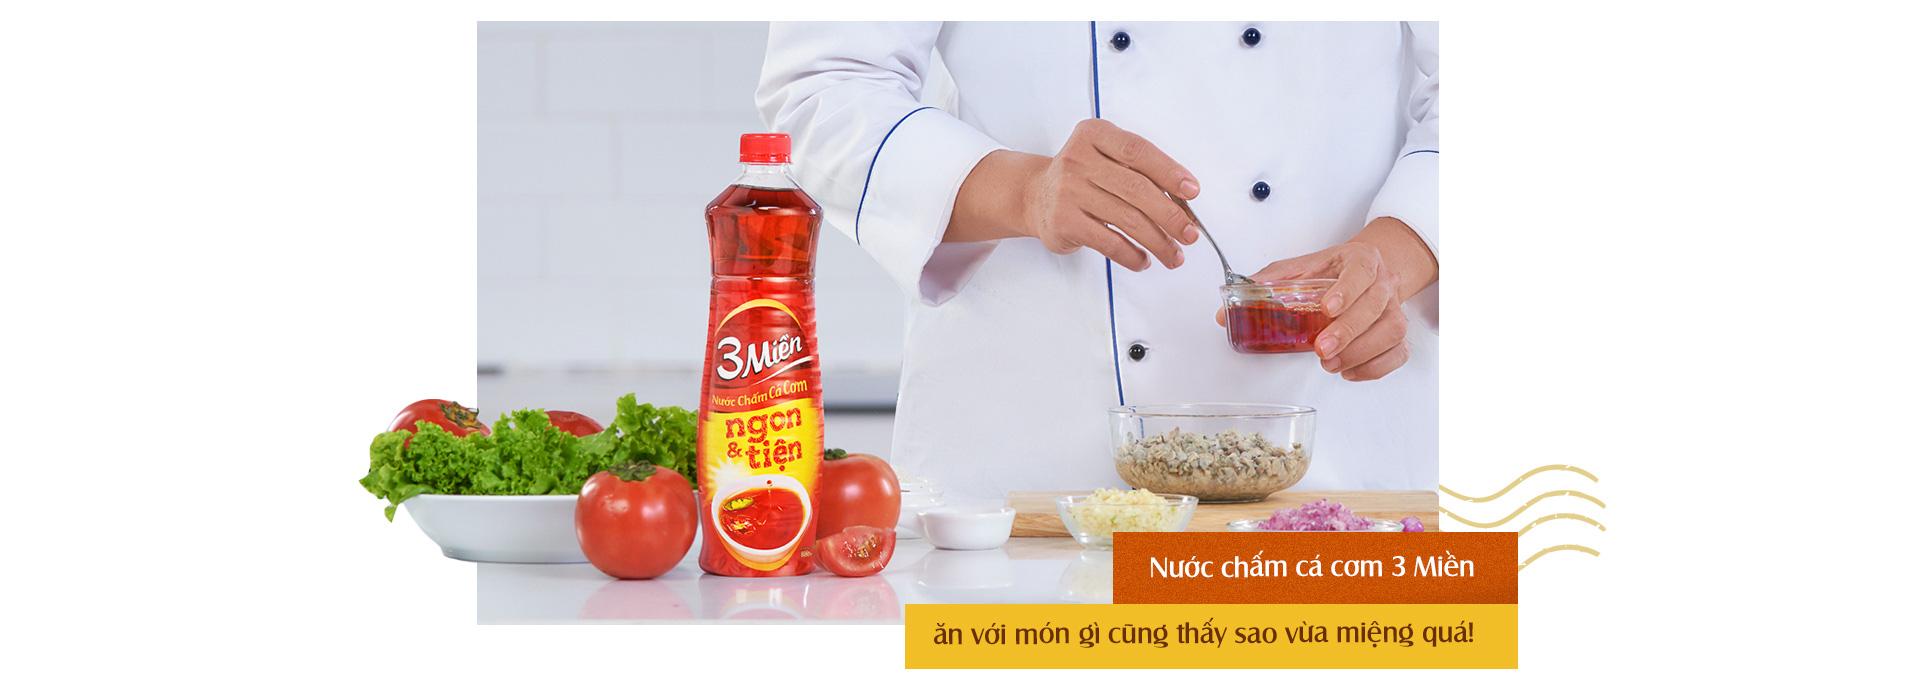 Nước mắm - gói trọn tinh túy ẩm thực Việt trong chiếc chén nhỏ gắn kết bao thế hệ gia đình - Ảnh 10.